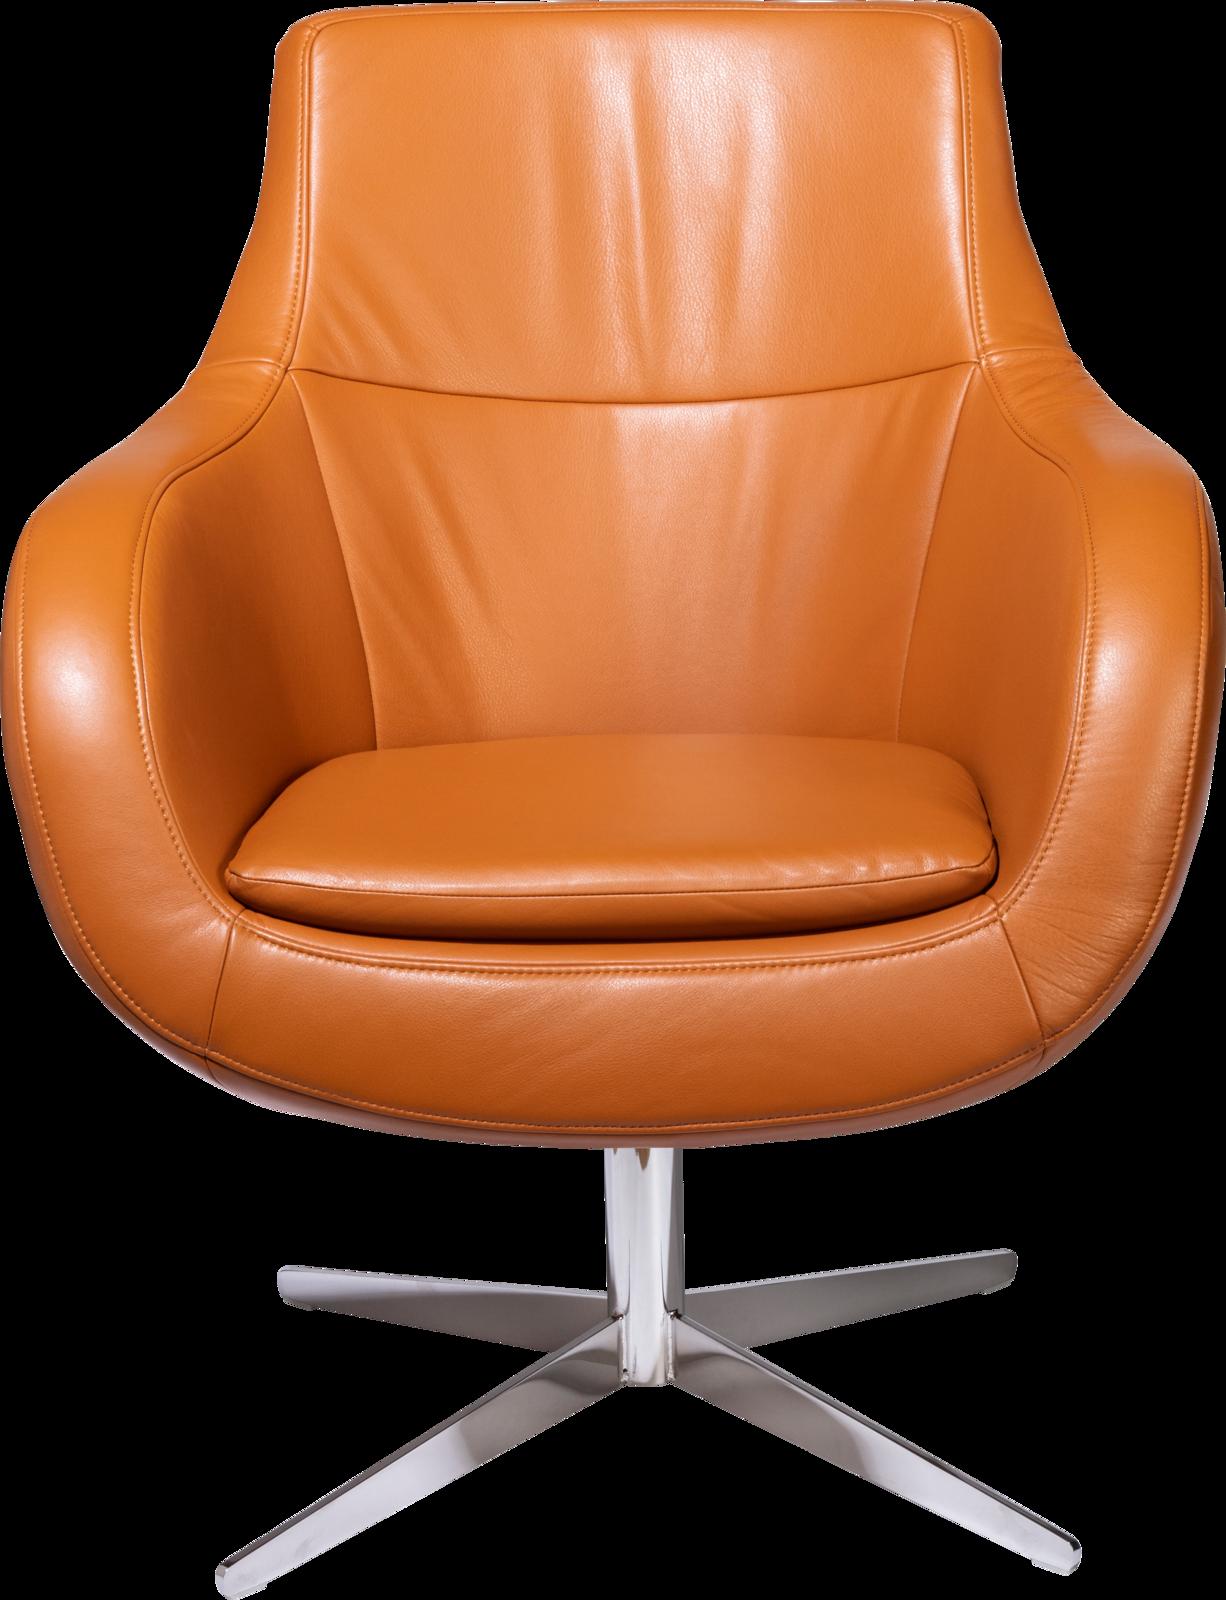 Sessel Oliver in orangem Leder mit niedriger Rückenlehne und Metallfuß.